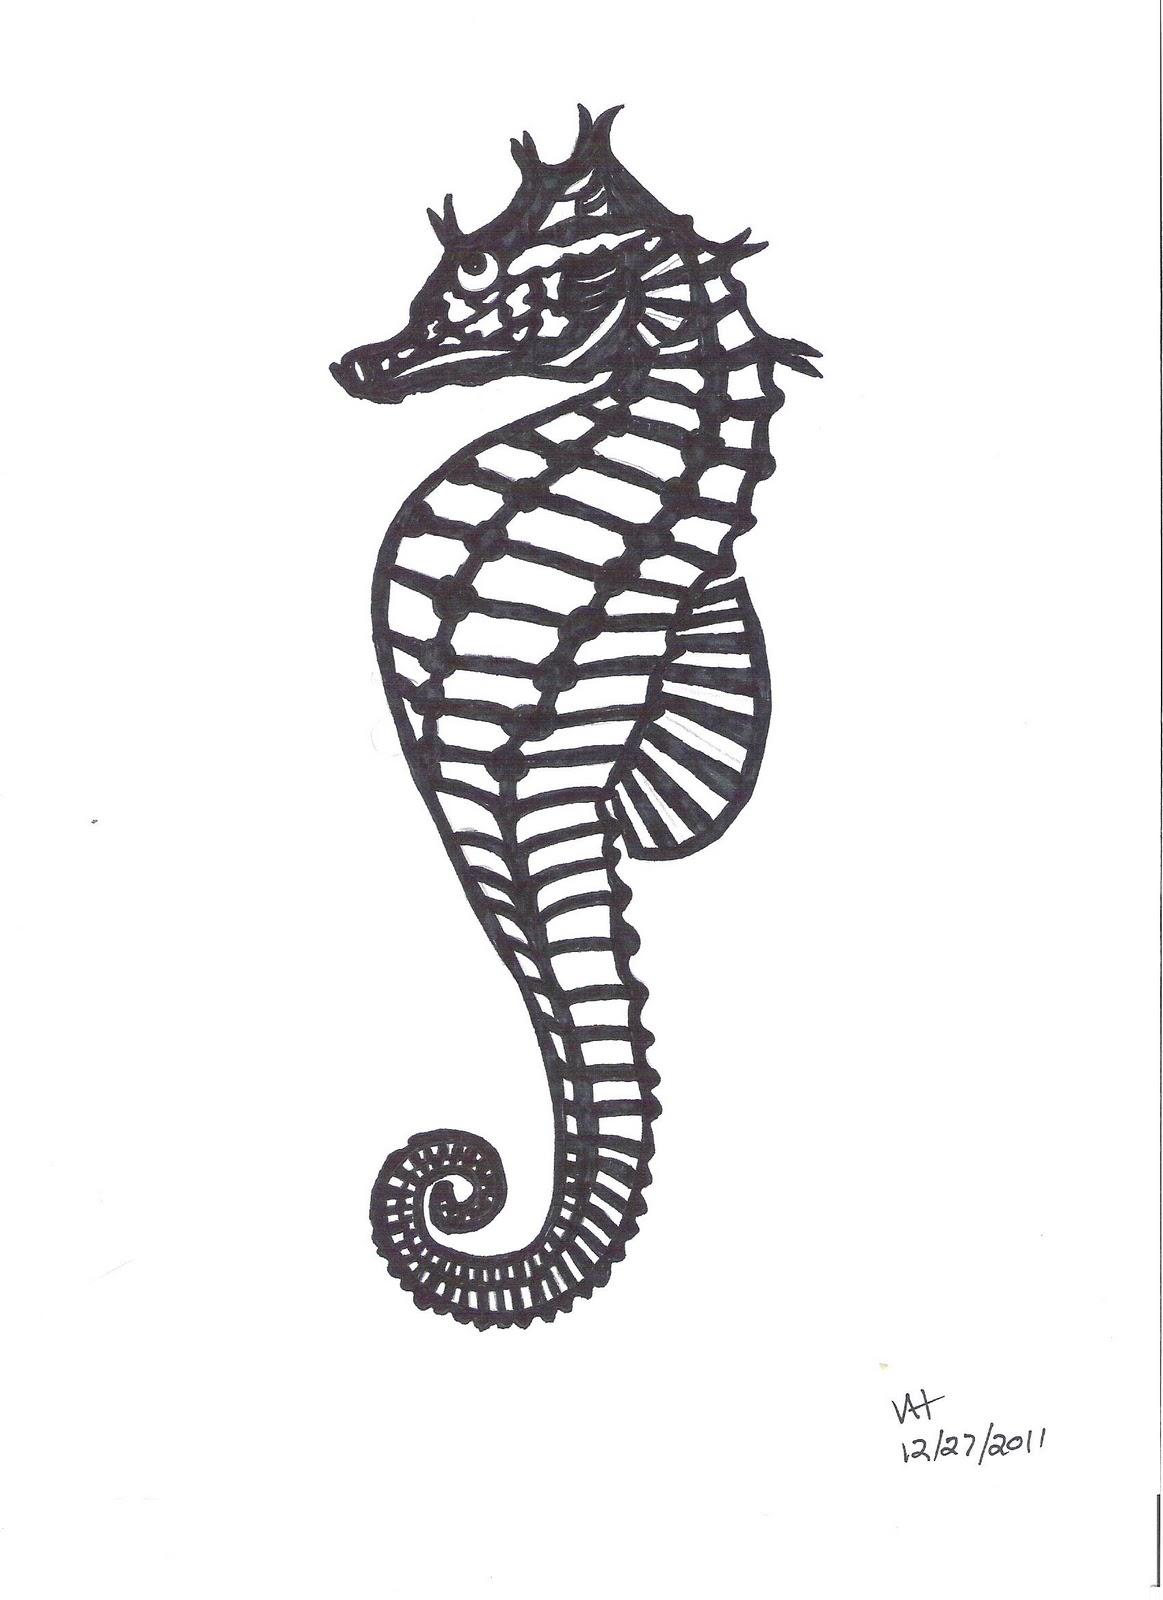 Cool Seahorse Drawings